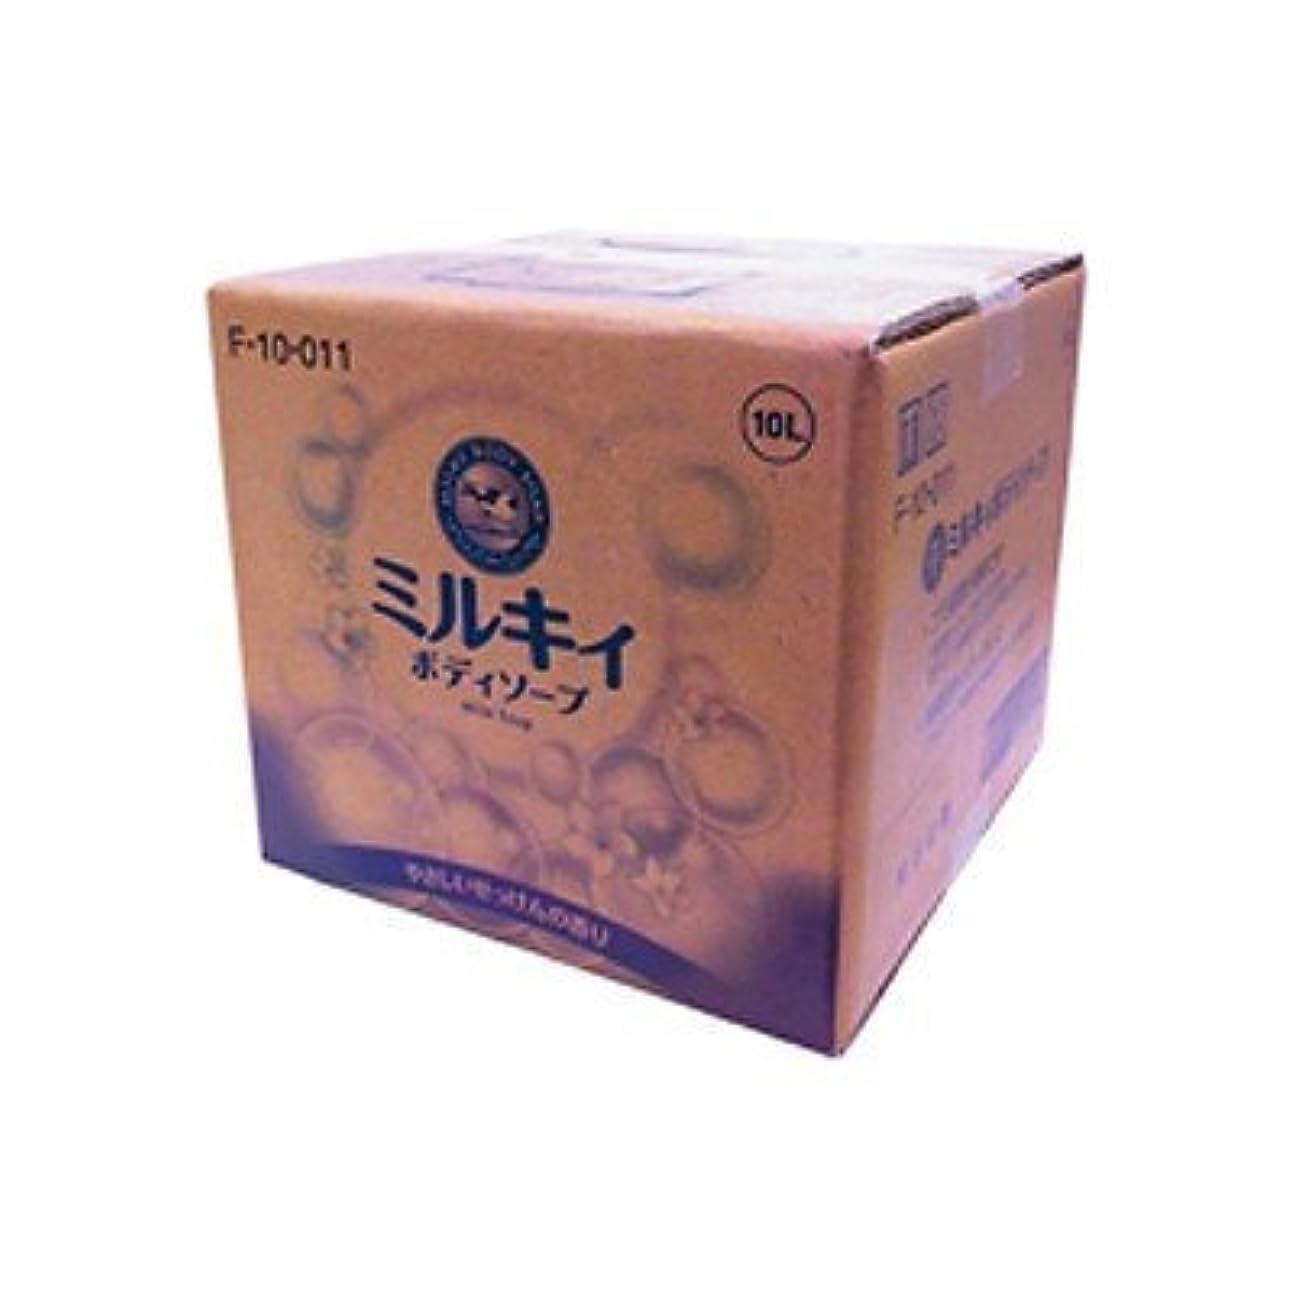 レスリングロック最少牛乳石鹸 ミルキィボディソープ 業務用 279605 00022378 【まとめ買い3個セット】